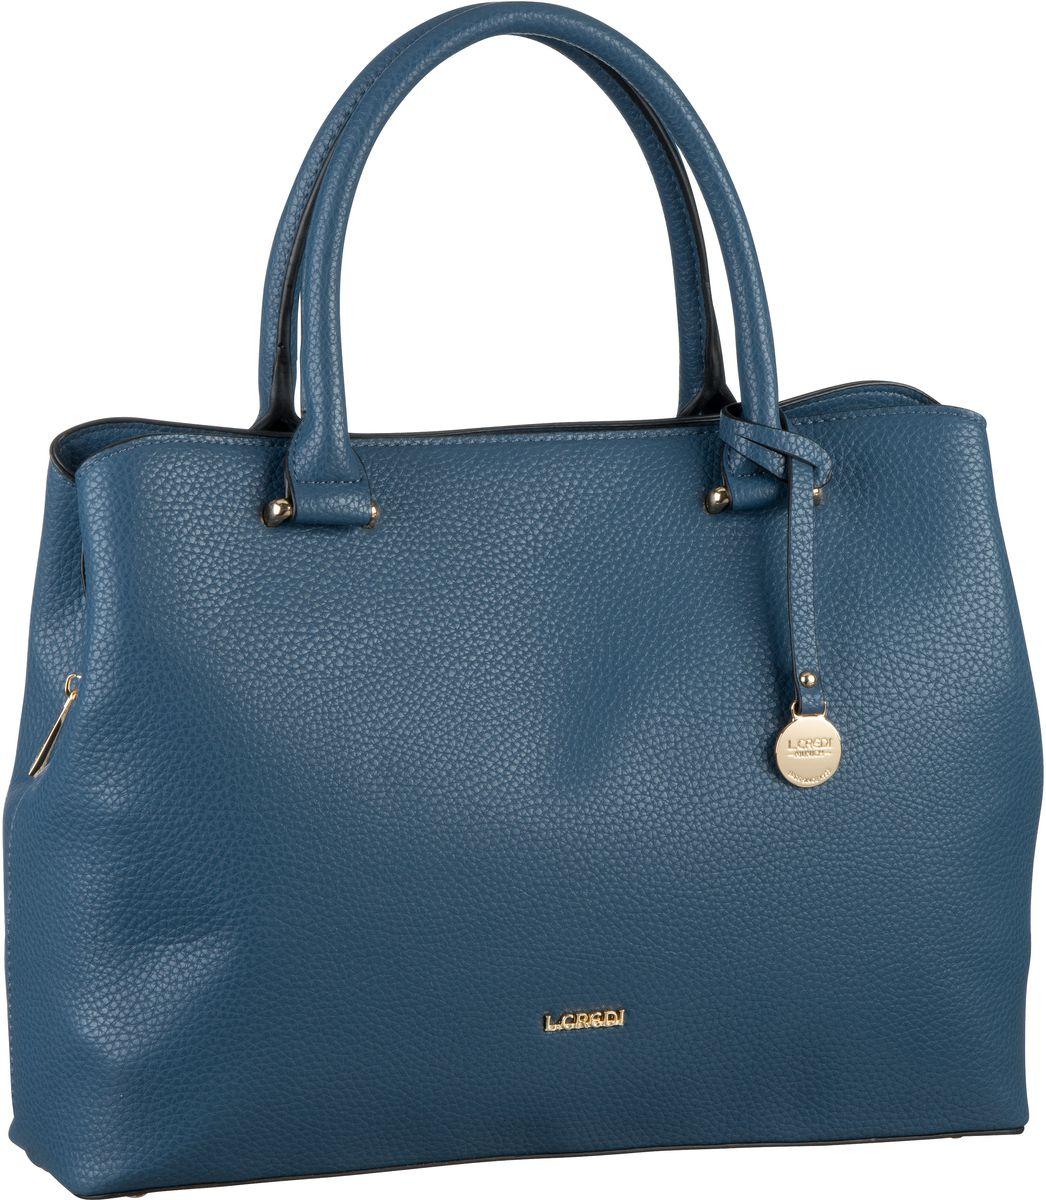 Handtasche Barbro 2089 Blau